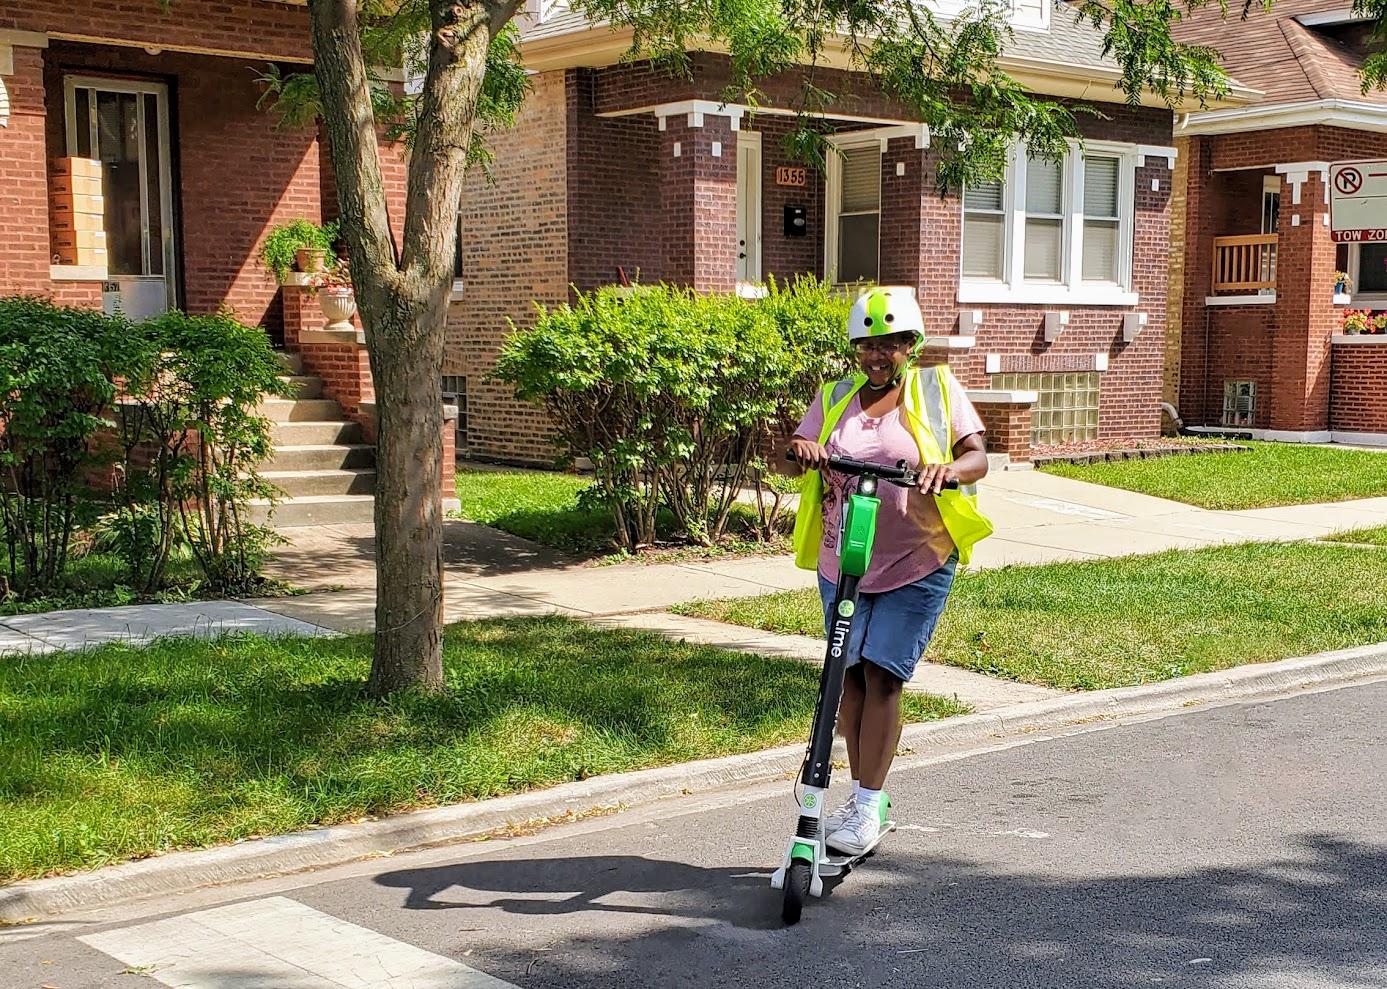 Pourquoi la demande d'E-Scooters à Chicago est en hausse alors même que le projet pilote s'essouffle